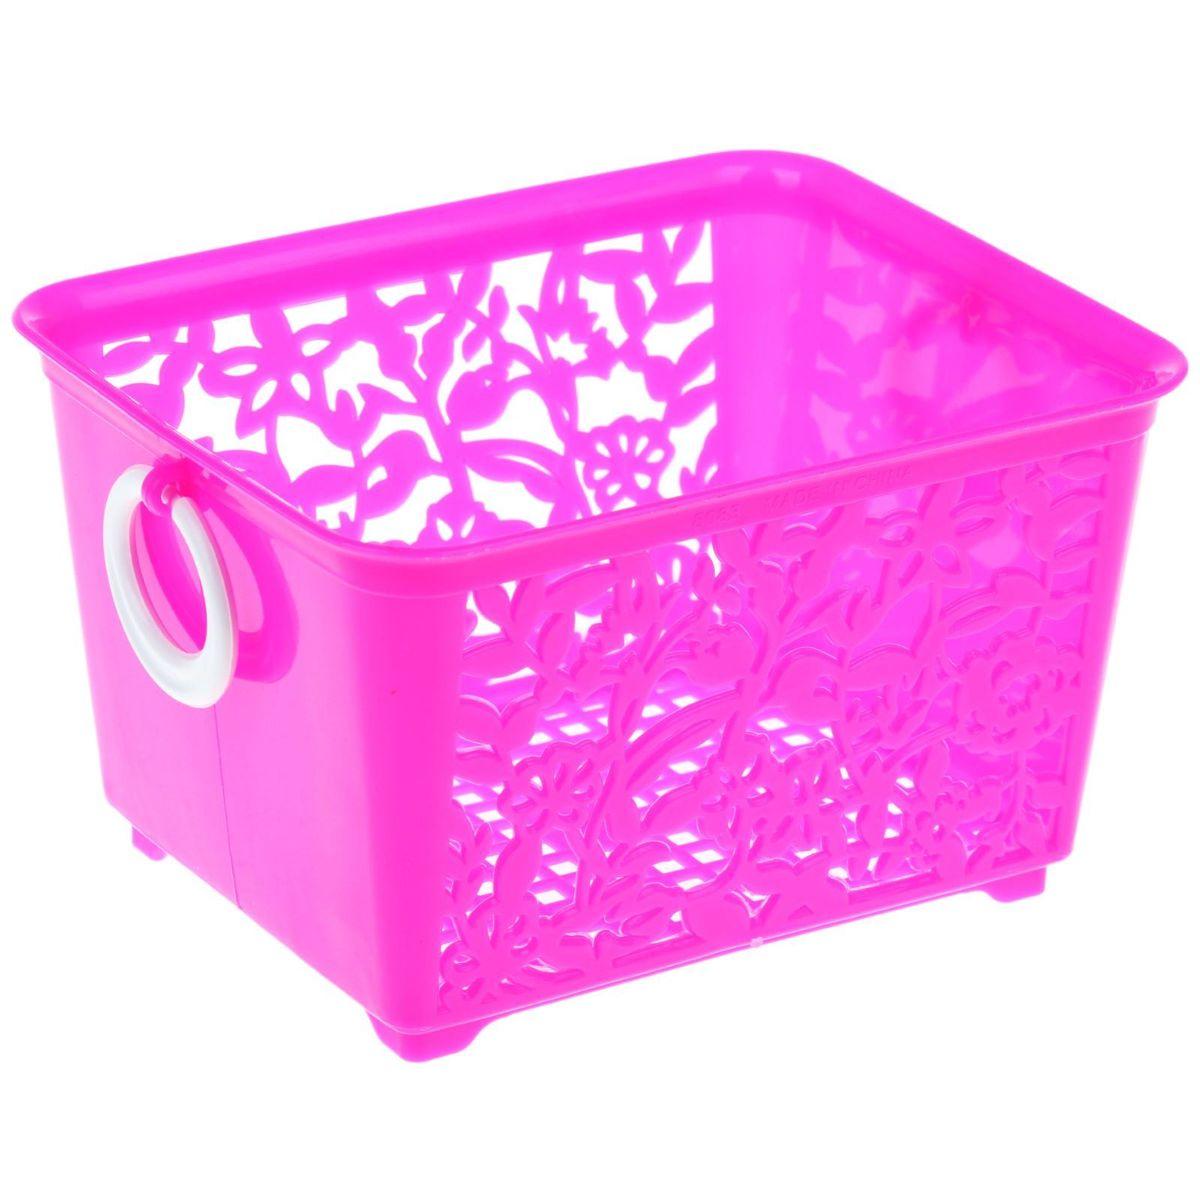 Корзинка для мелочей с ручками, 14*11,5*8 см, 184975 цвет: розовыйБрелок для ключейКорзинка для мелочей с ручками, 14*11,5*8 см, 184975 Материал: Пластик